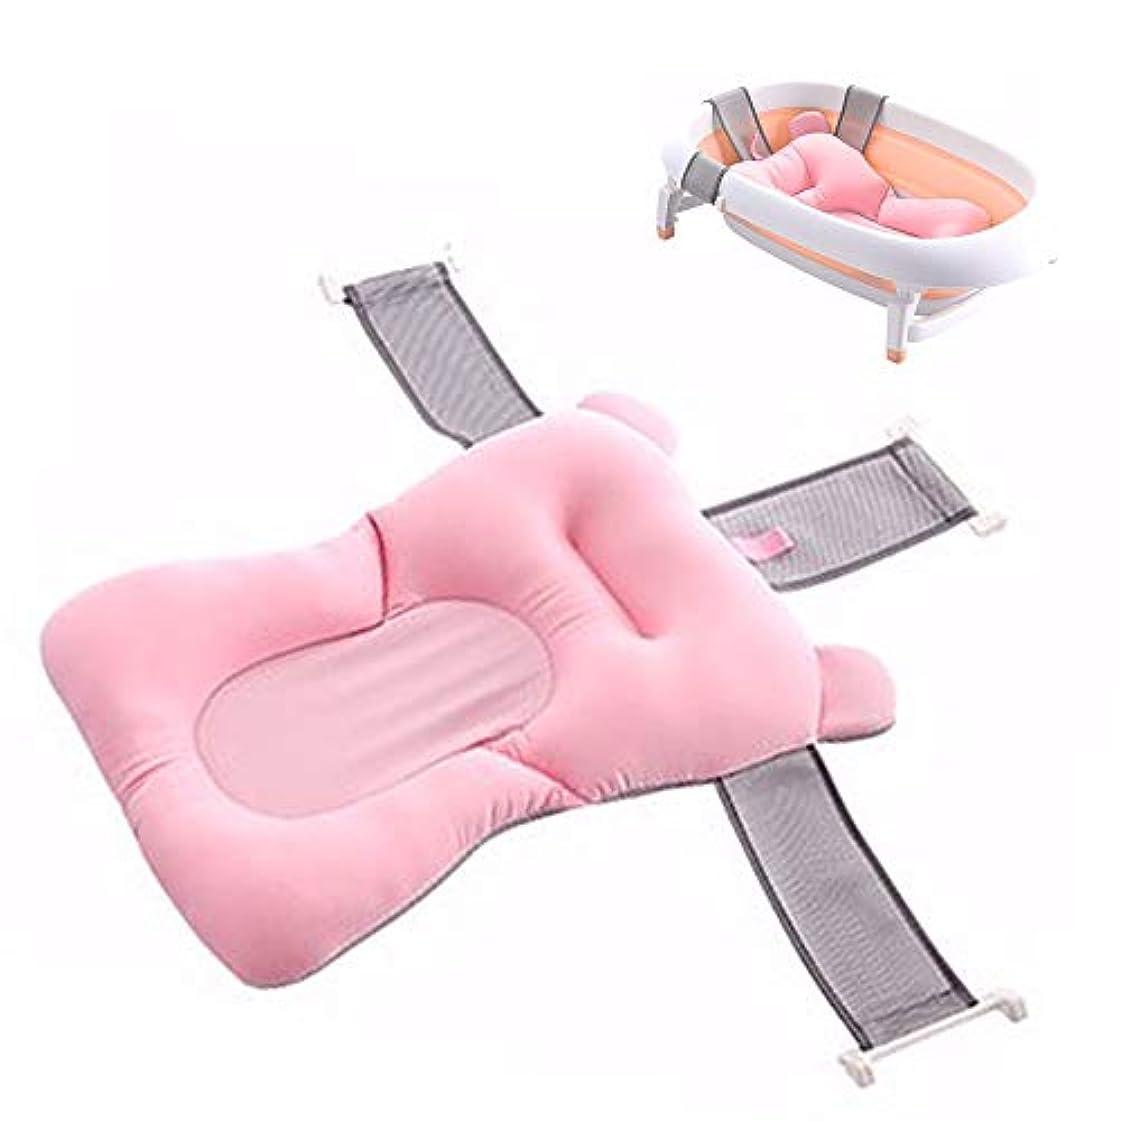 支払いマーチャンダイジングクランシー赤ちゃん浴槽枕風呂クッション幼児ラウンジャーエアクッション柔らかい滑り止めバスシート用0-12ヶ月幼児,Pink